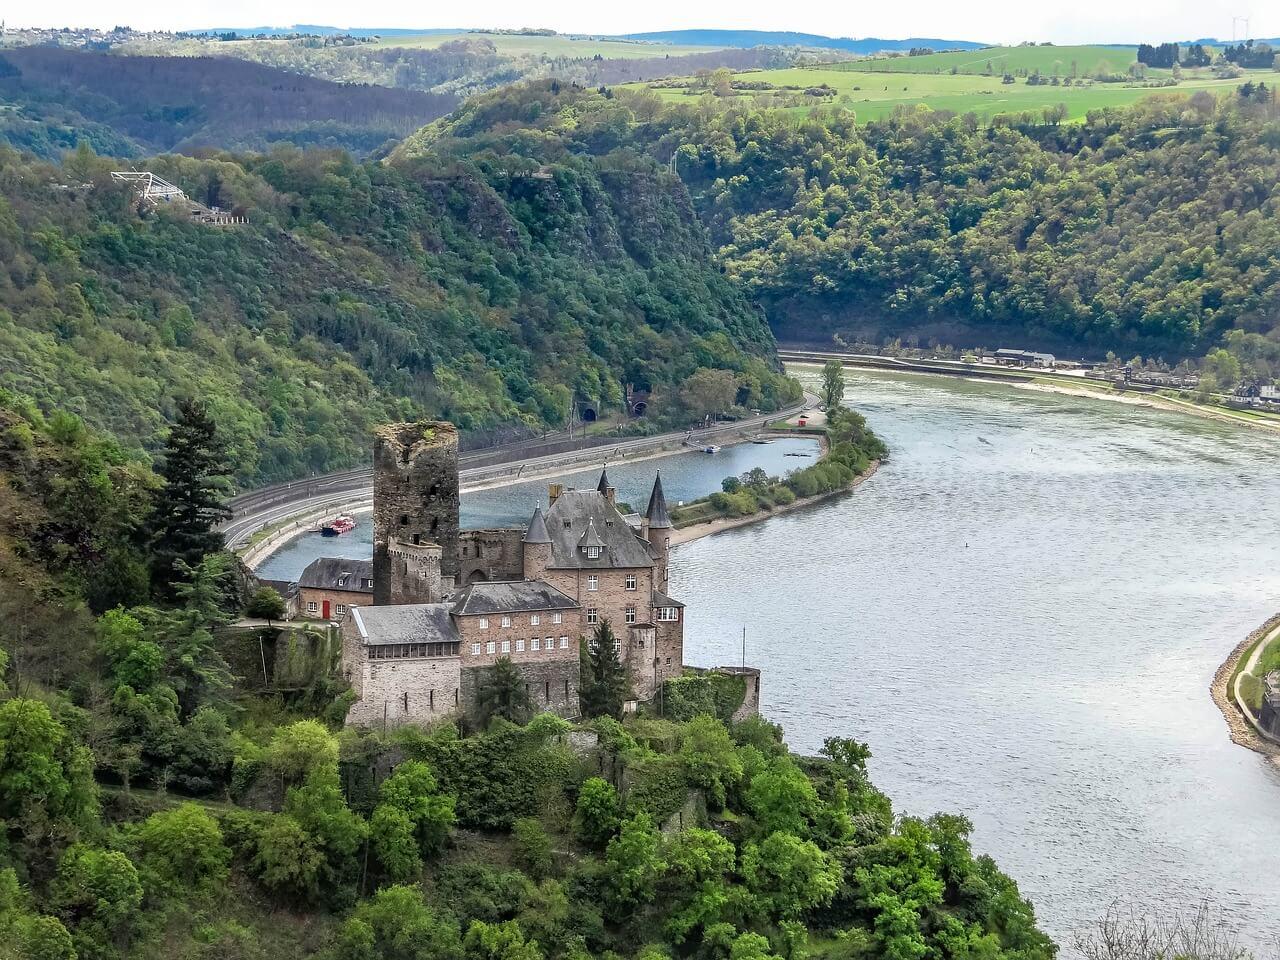 Der Rhein - Wasser des Lebens